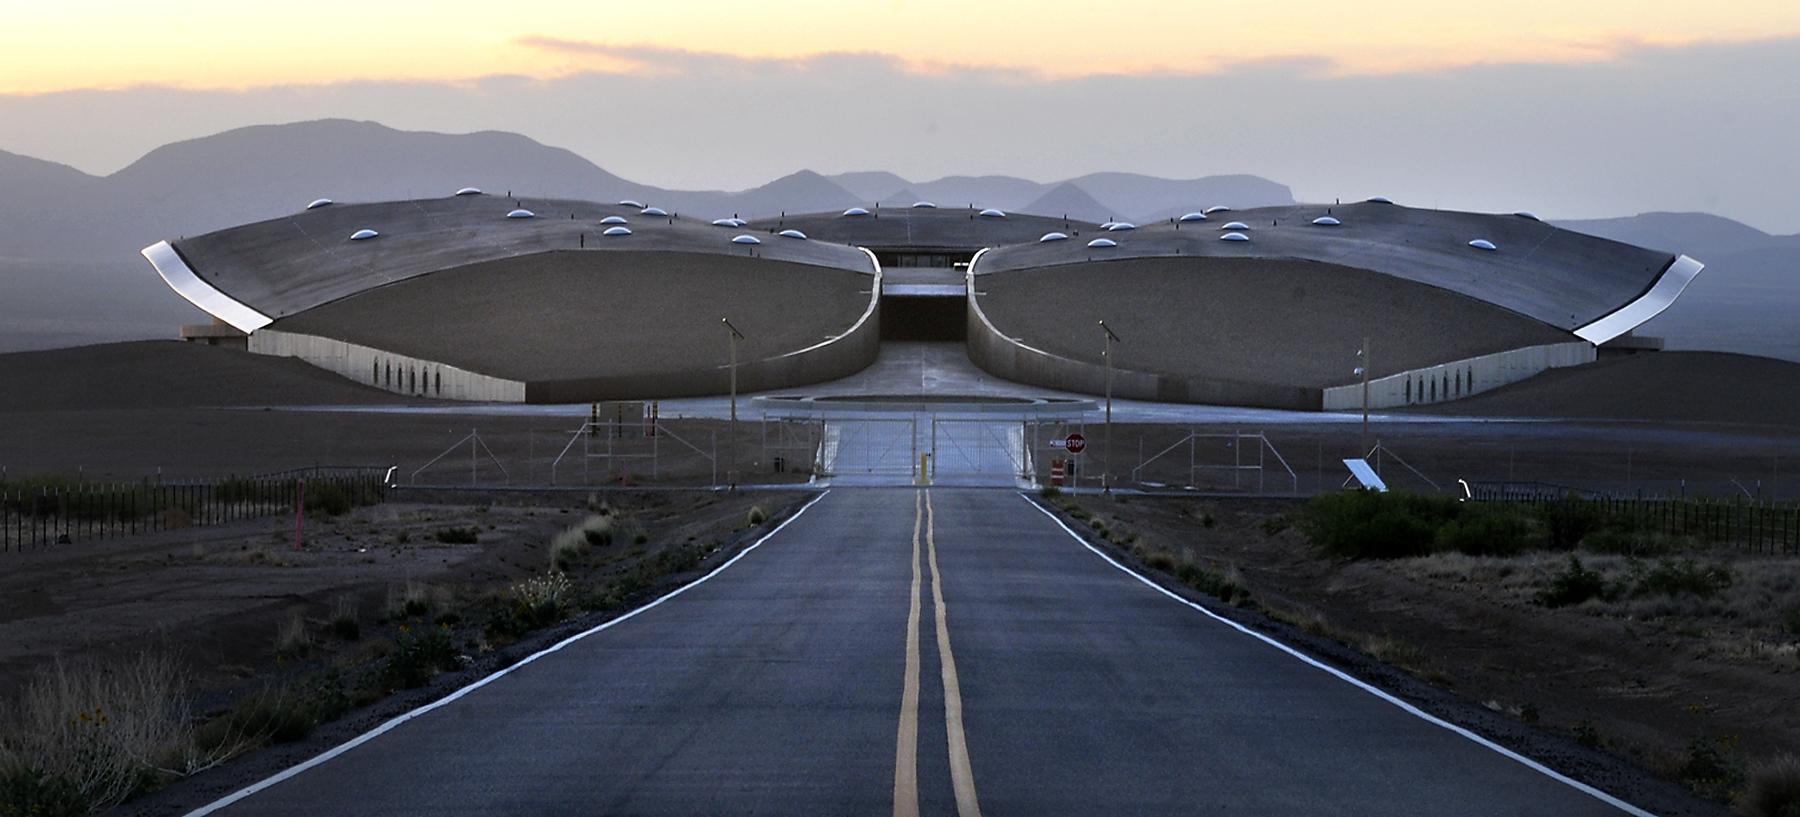 Espaçoporto da Virgin Galactic no Novo México (Fonte: Albuquerque Journal/Reprodução)